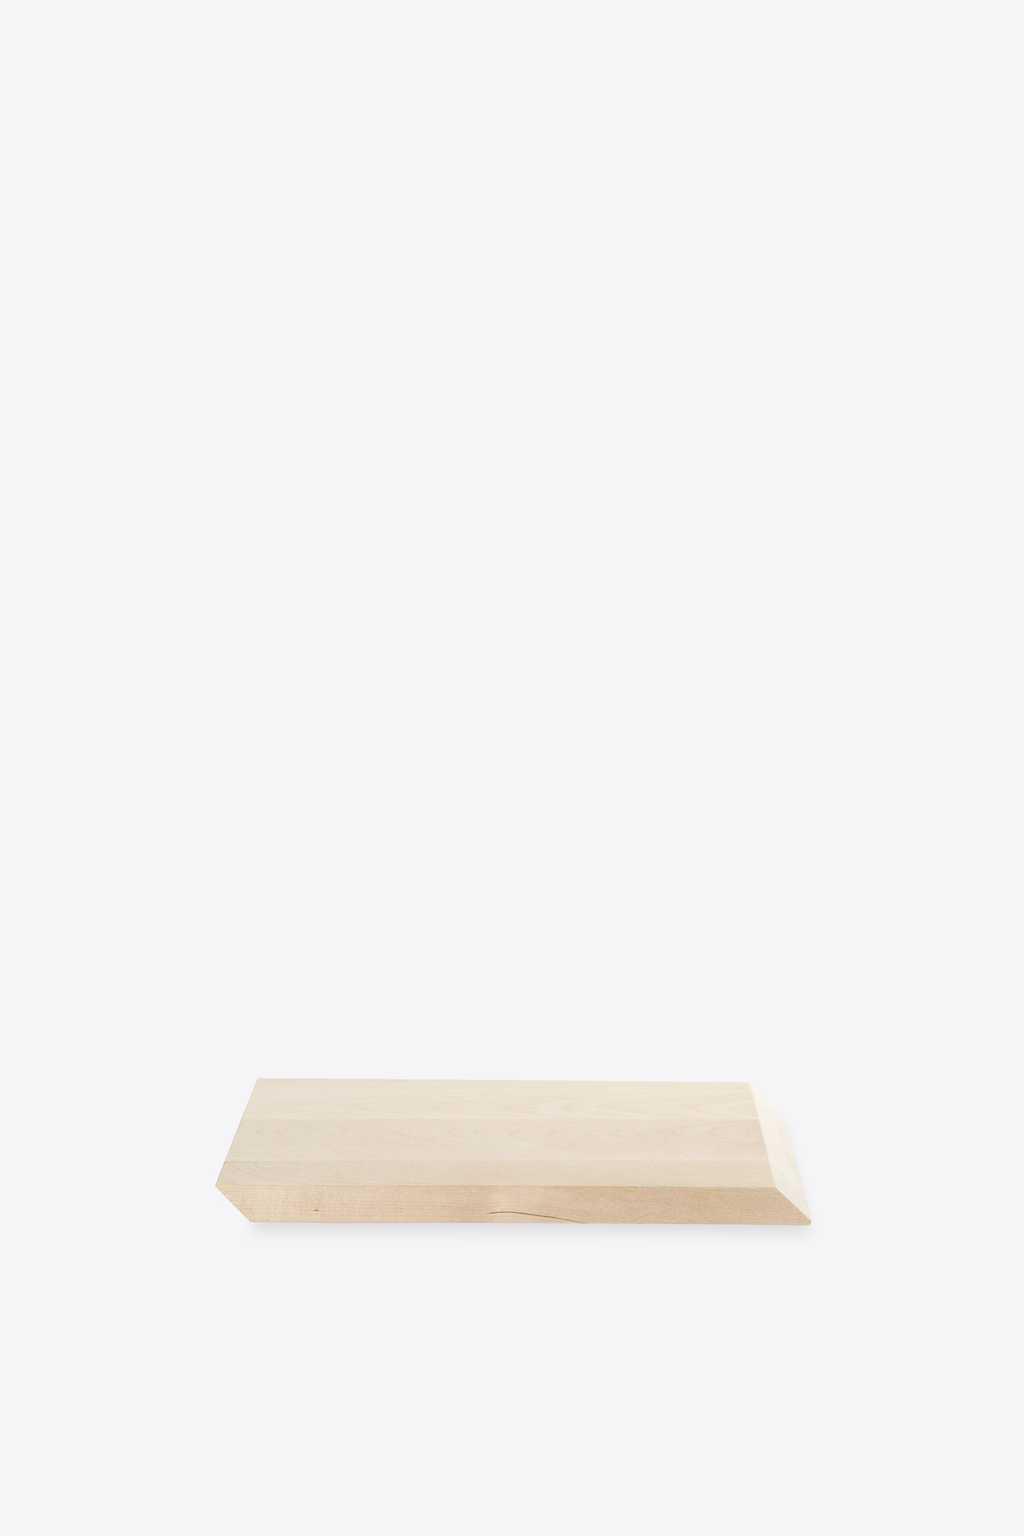 Small Cutting Board 1019 Brown 2